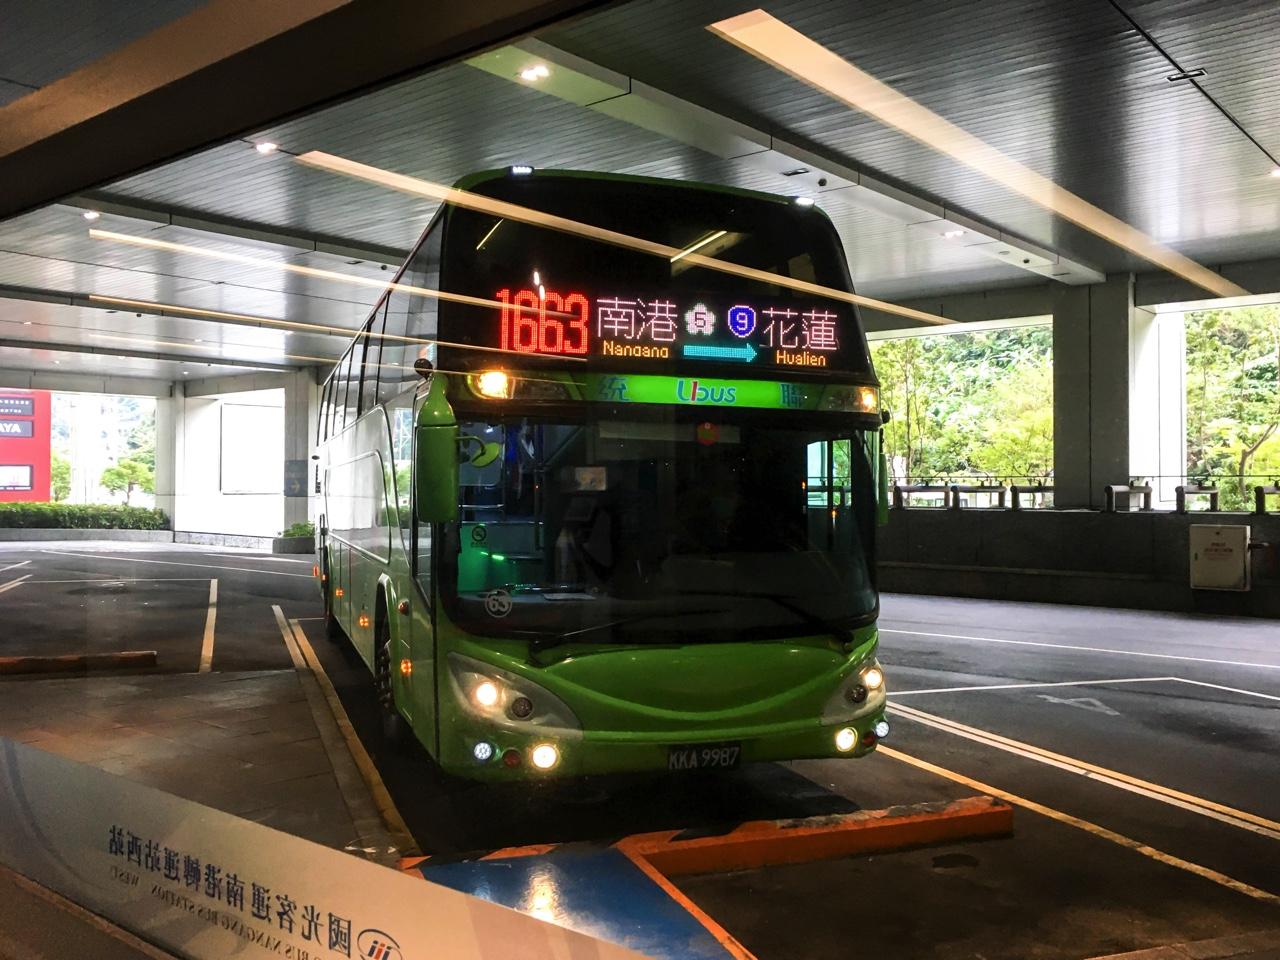 南バスターミナルに停車した統聯客運バス